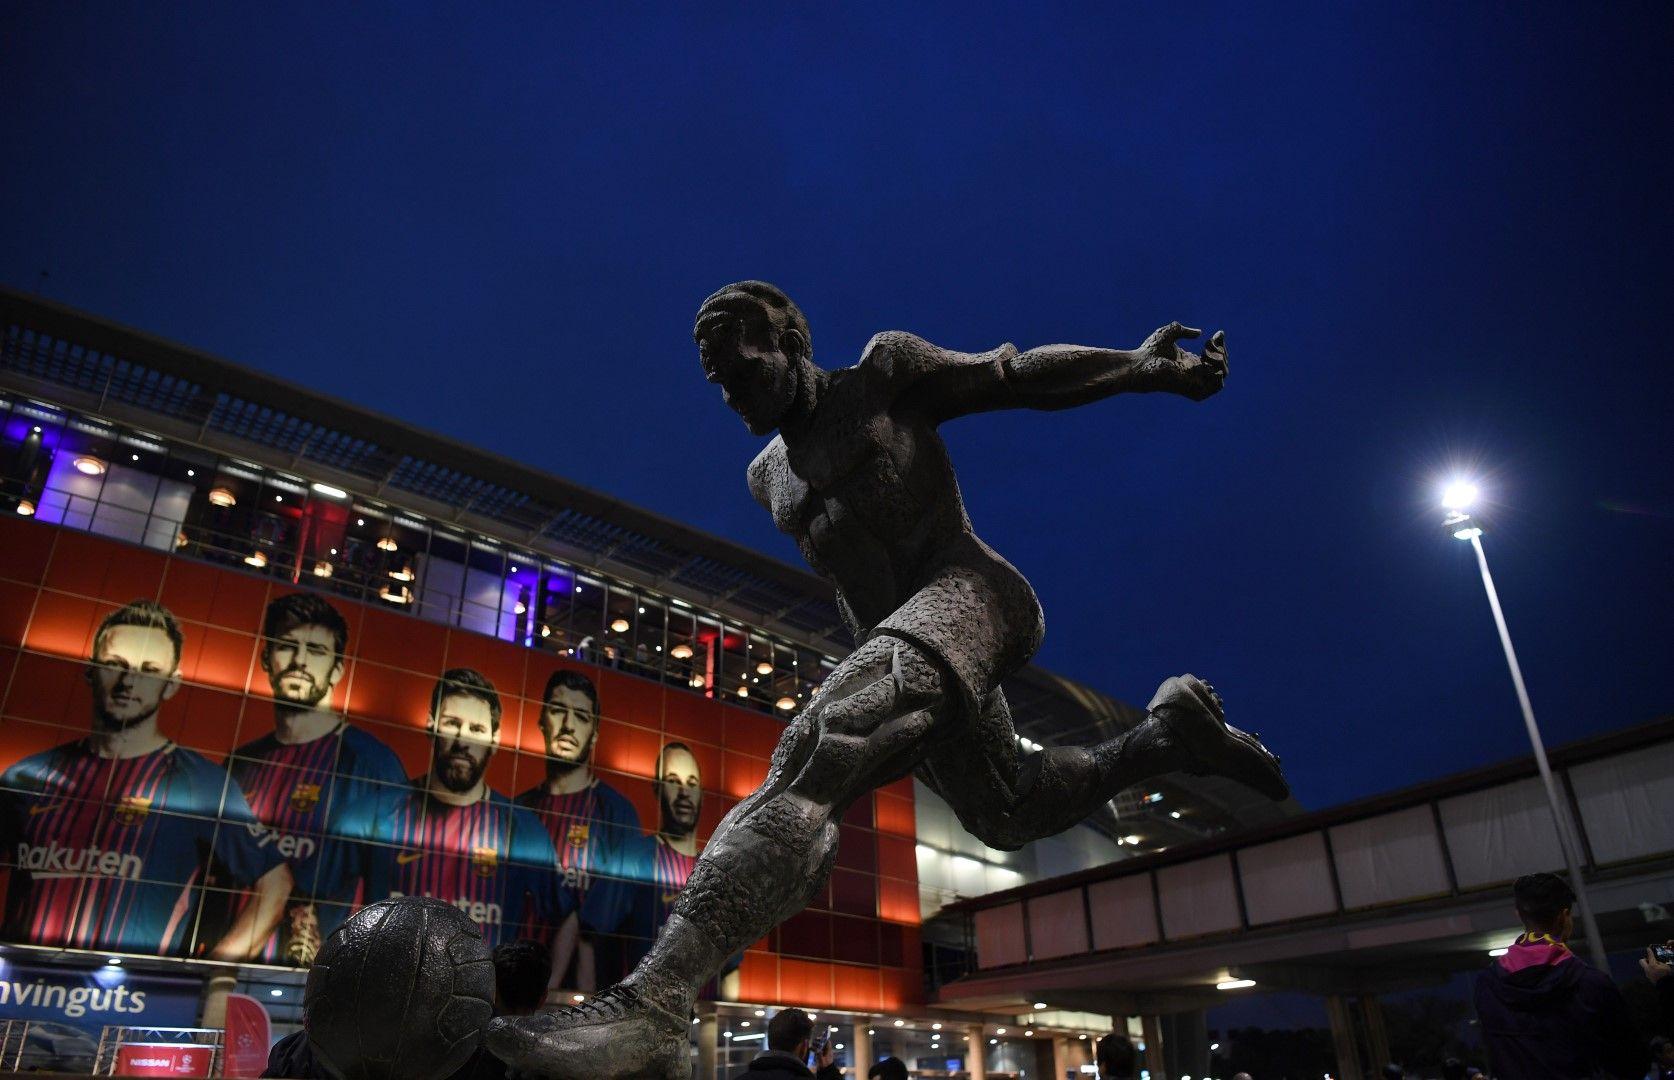 """Статуята на Йохан гордо посреща феновете на метри пред стадион """"Камп ноу"""" в Барселона. Снимка Getty Images"""